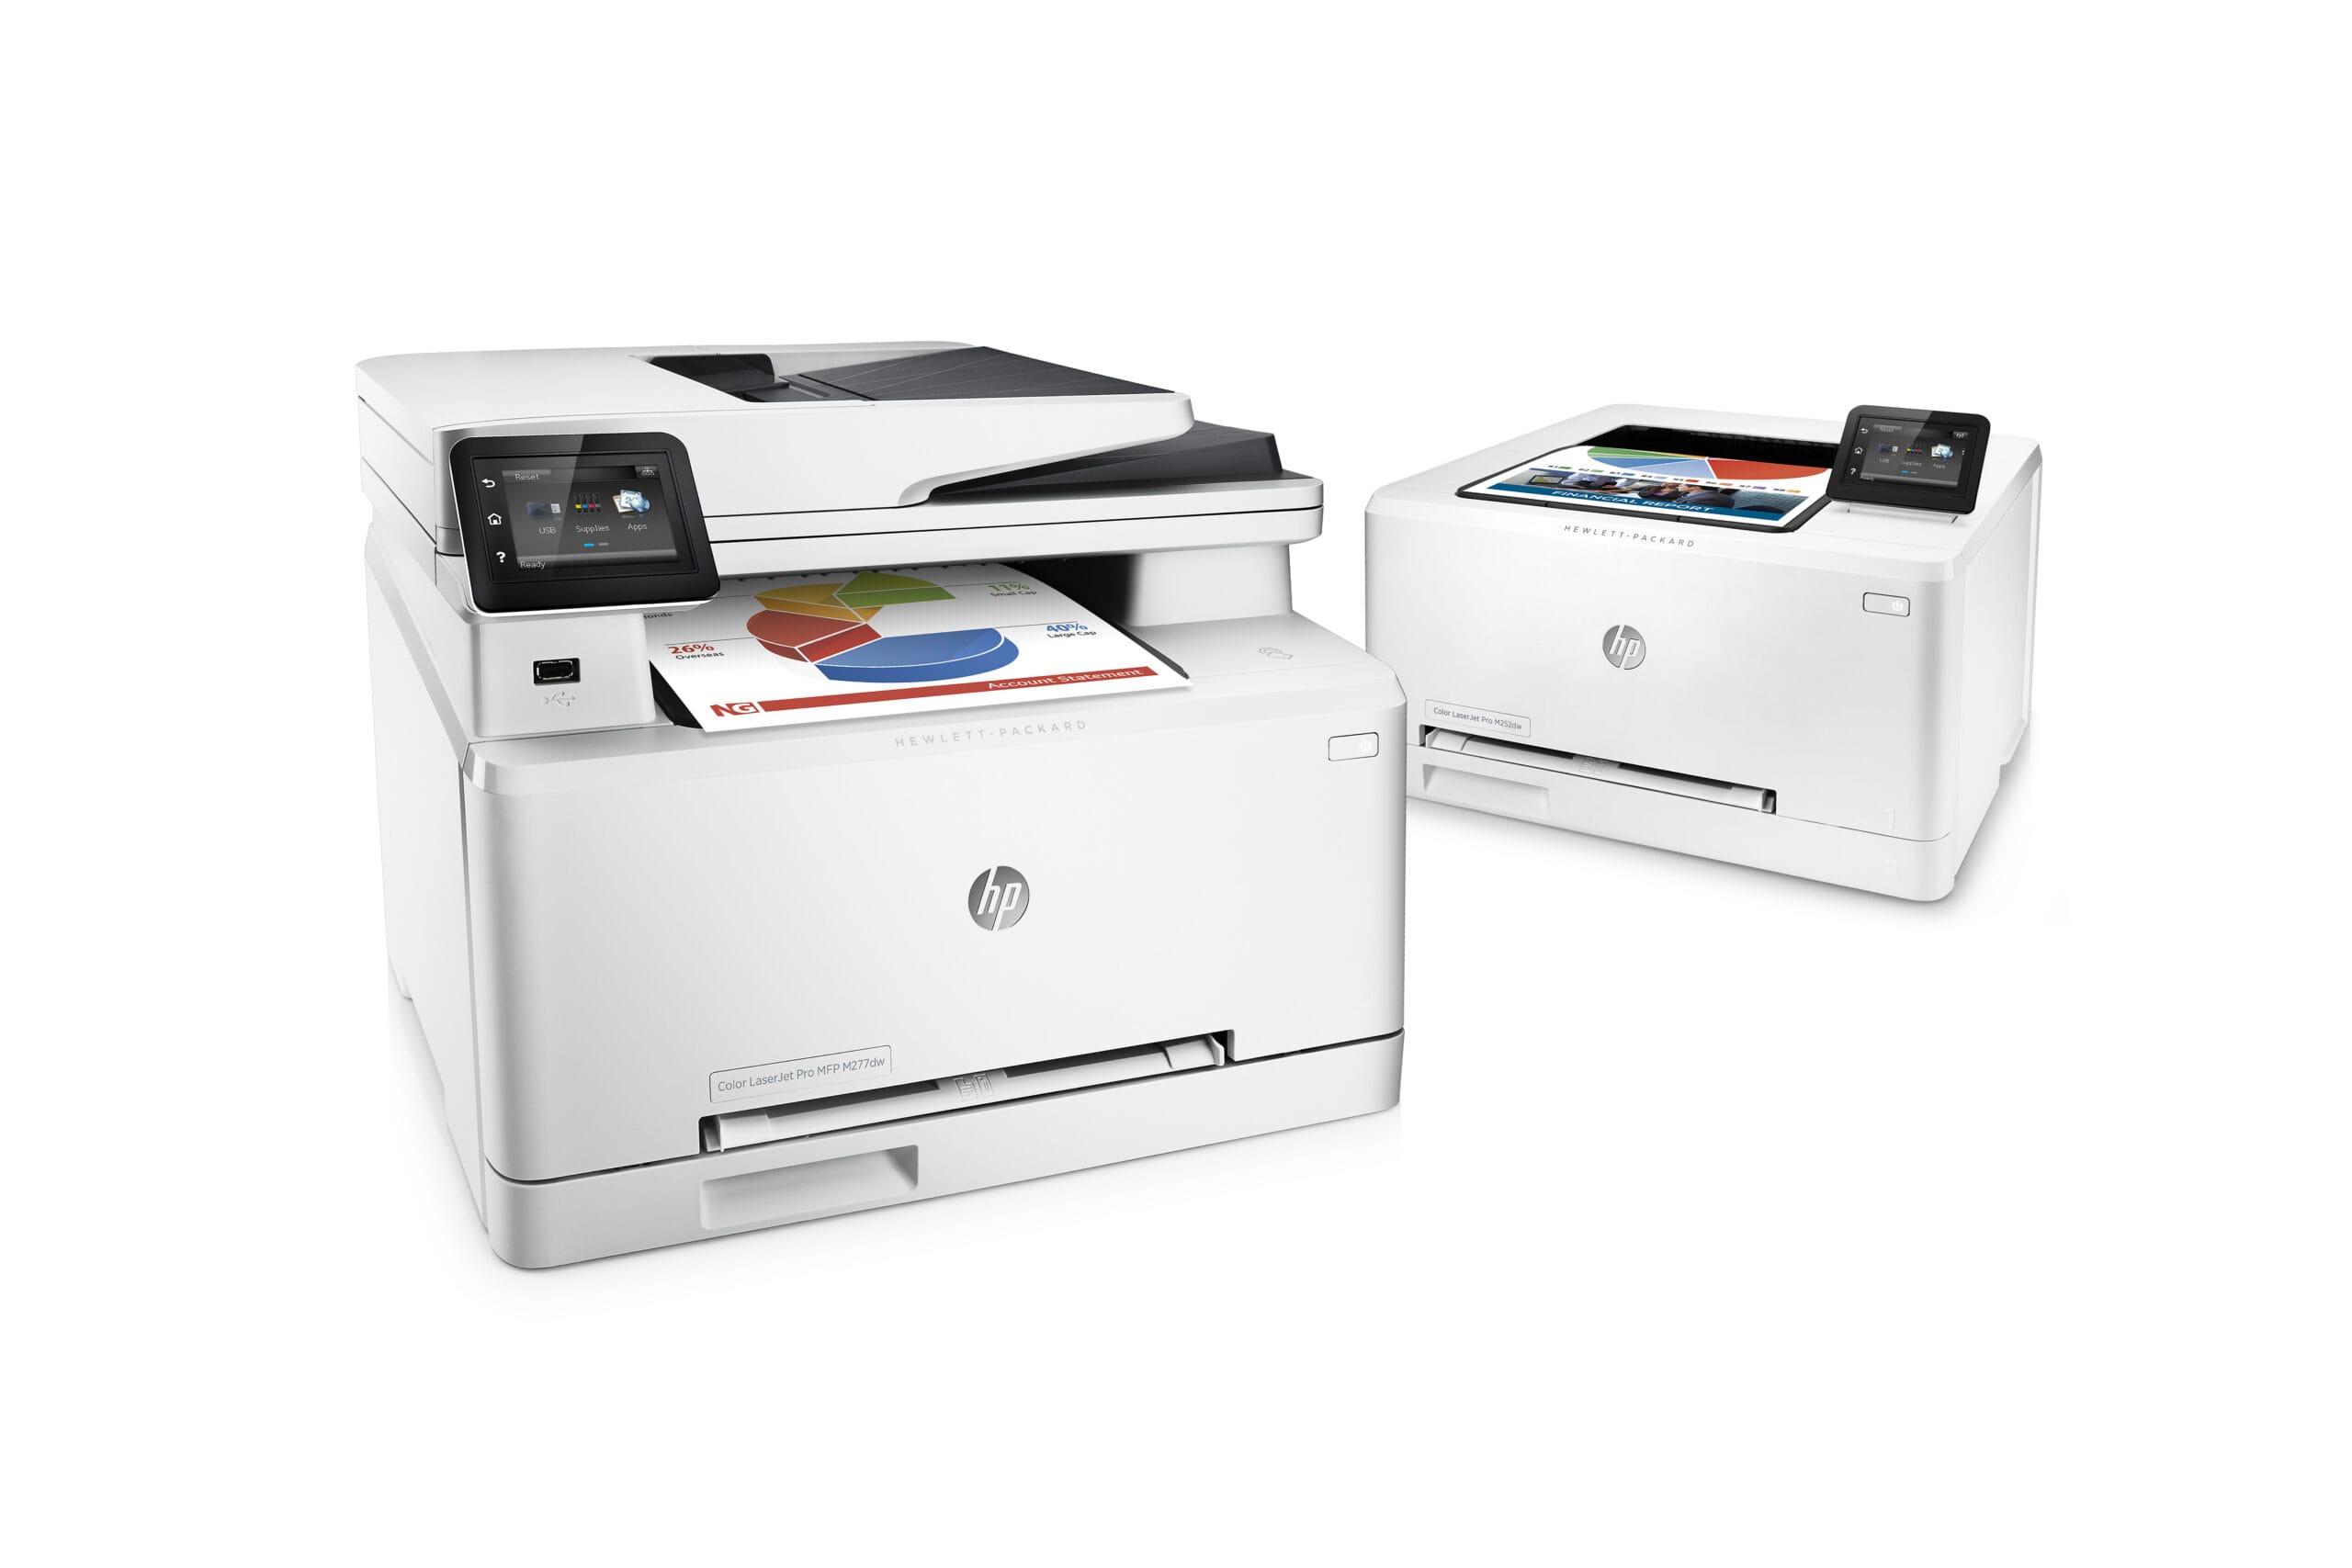 HP-Laserdrucker: Energie und Farbe sparen